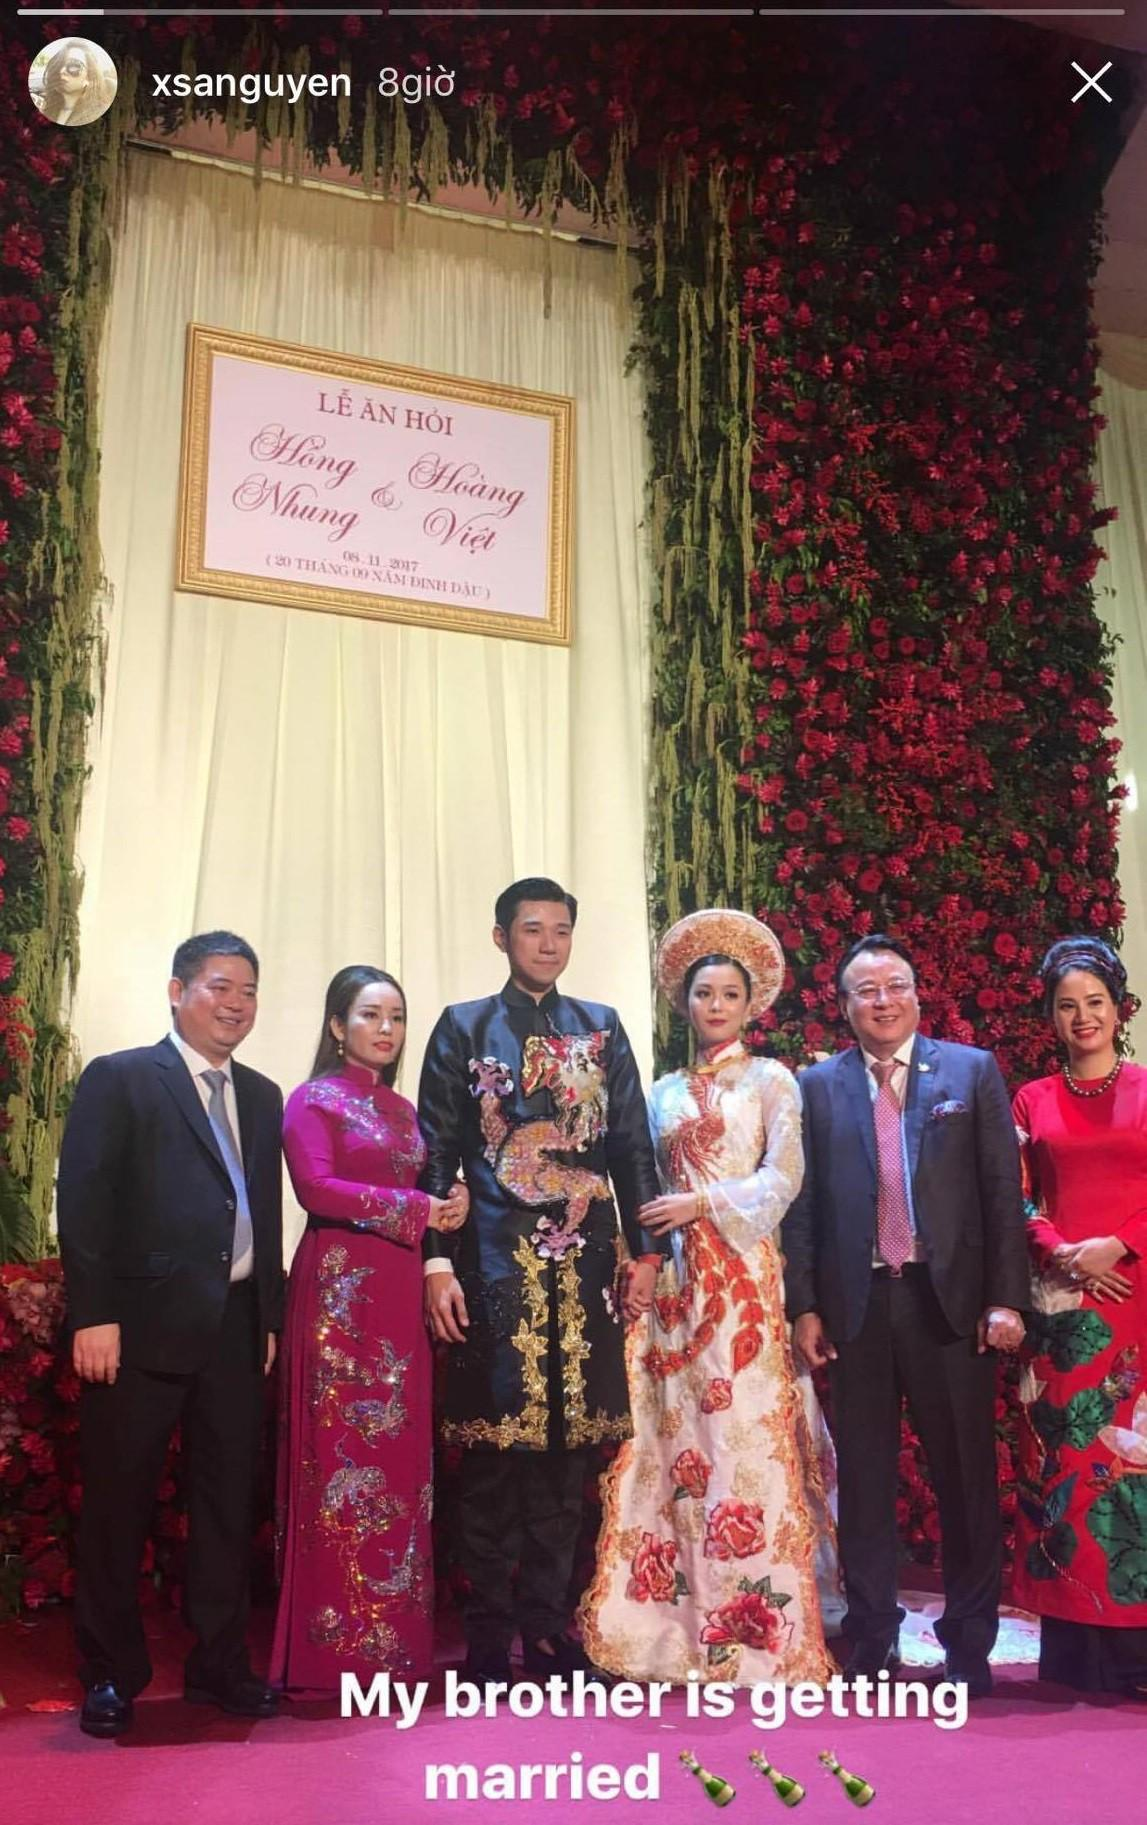 Chân dung 4 cô gái Việt làm dâu con nhà tài phiệt: xinh đẹp, giỏi giang và rất được cưng chiều-4